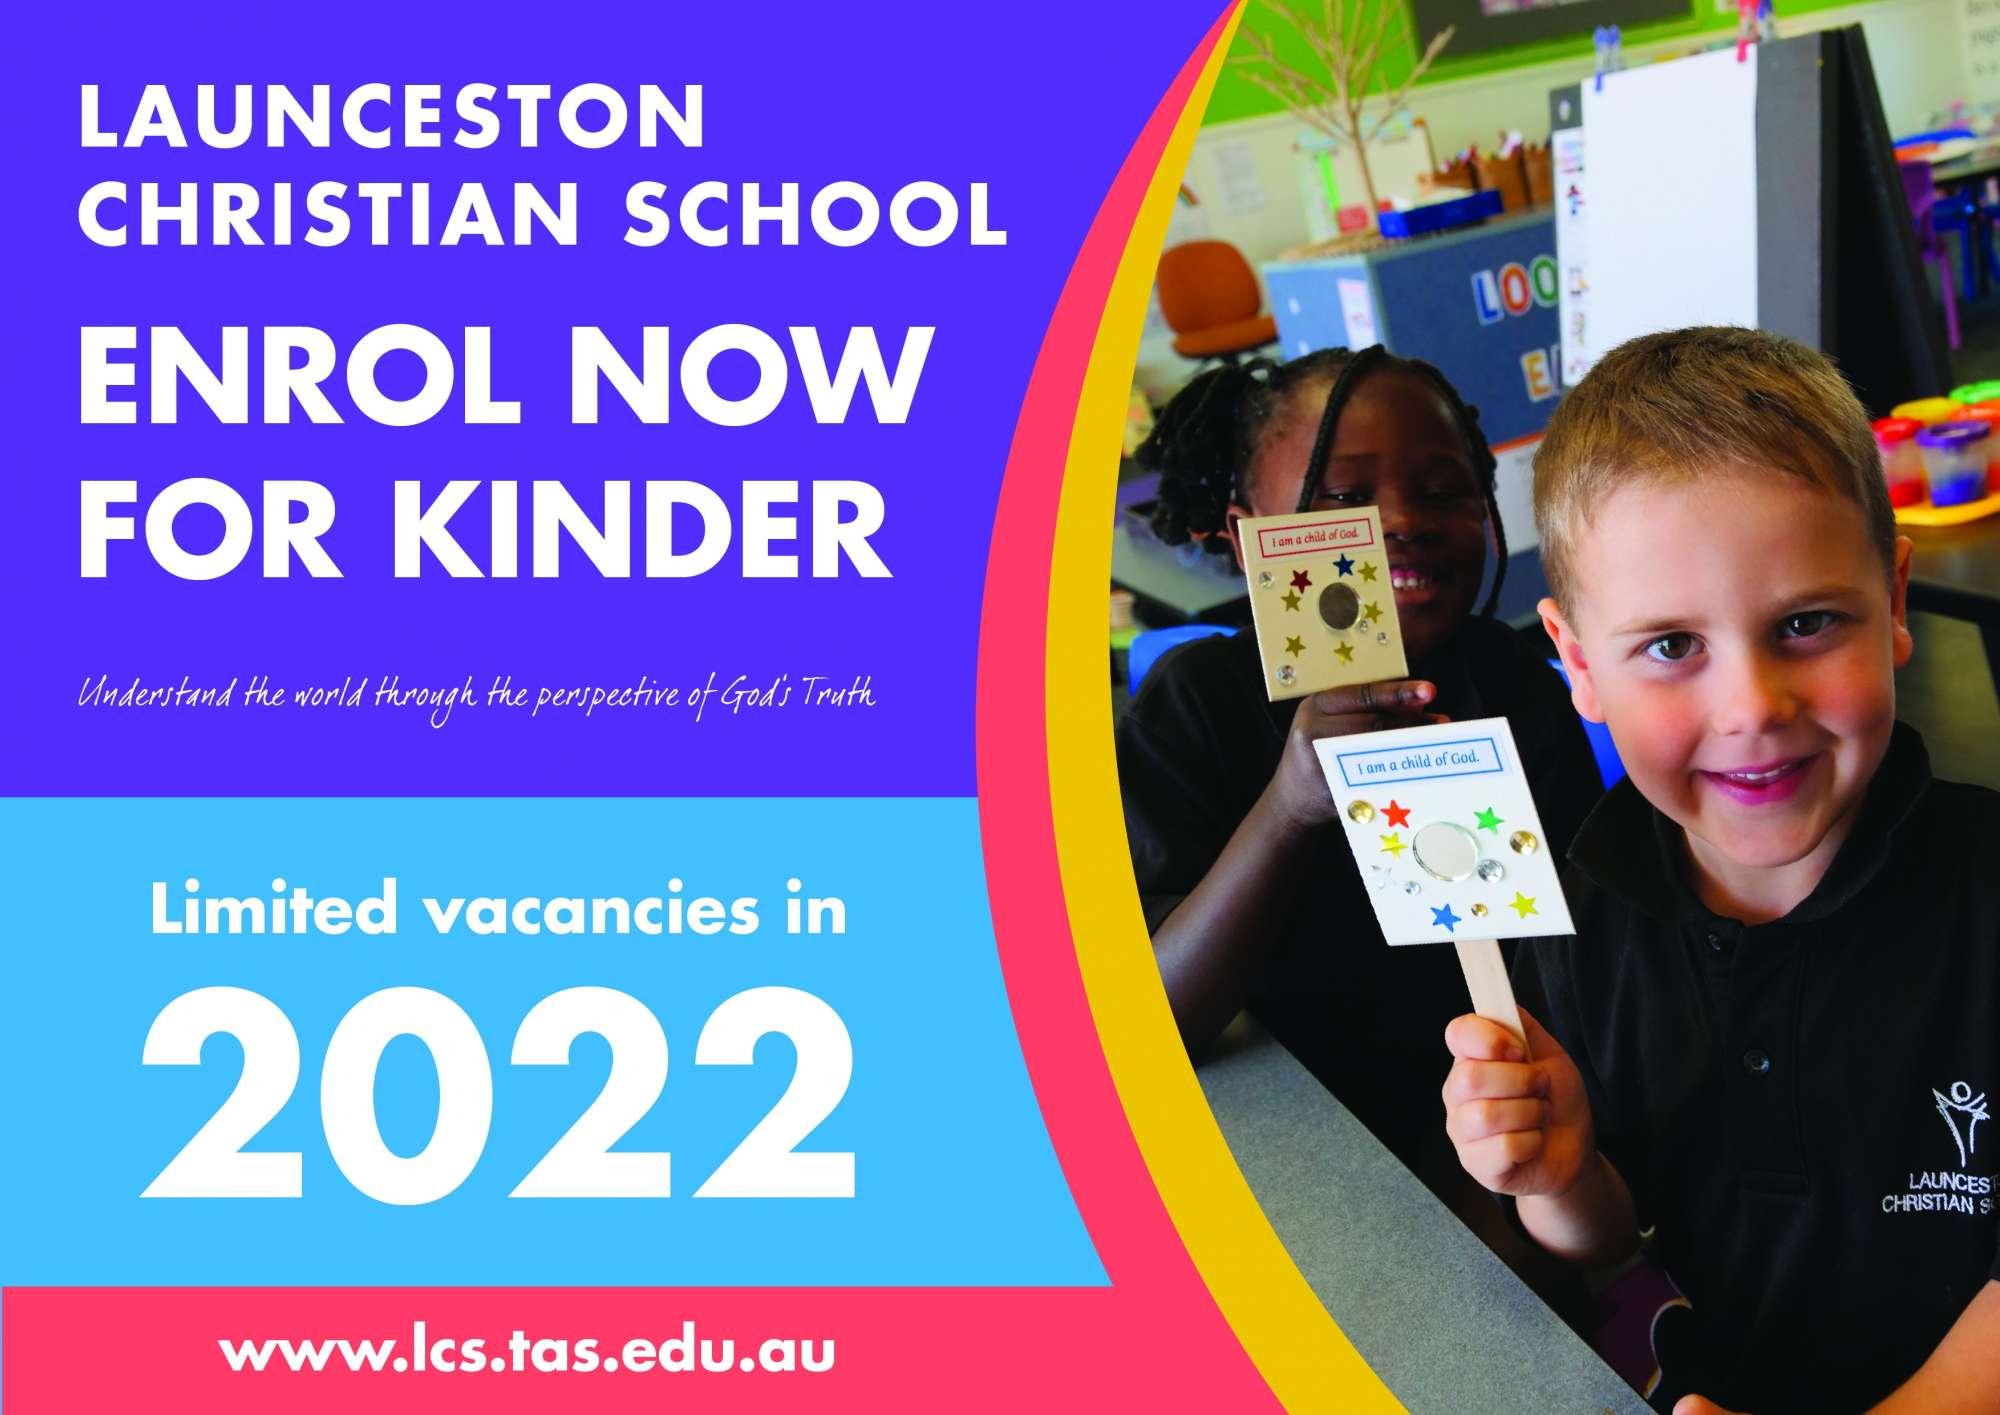 Enrol for Kinder 2022